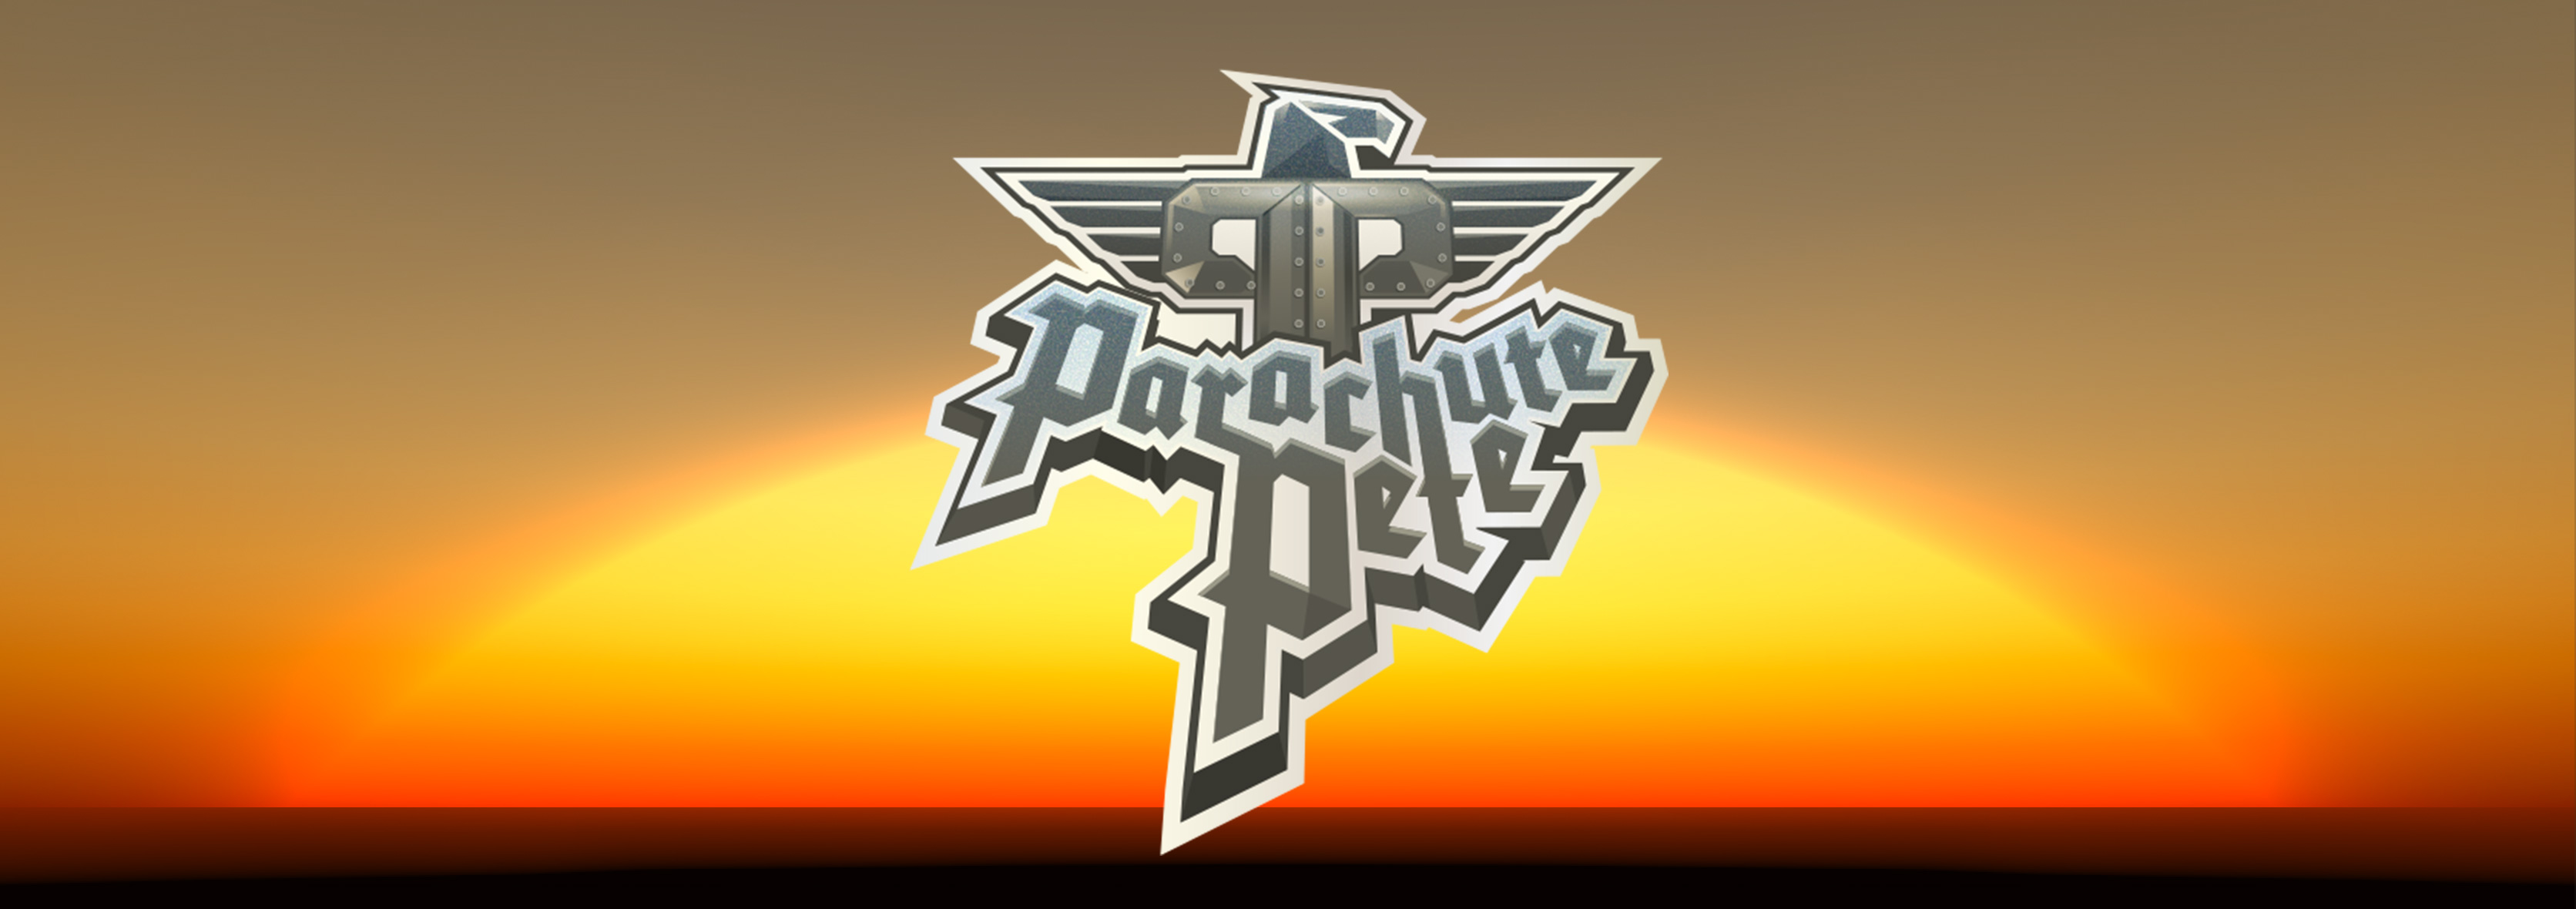 Parachute Pete